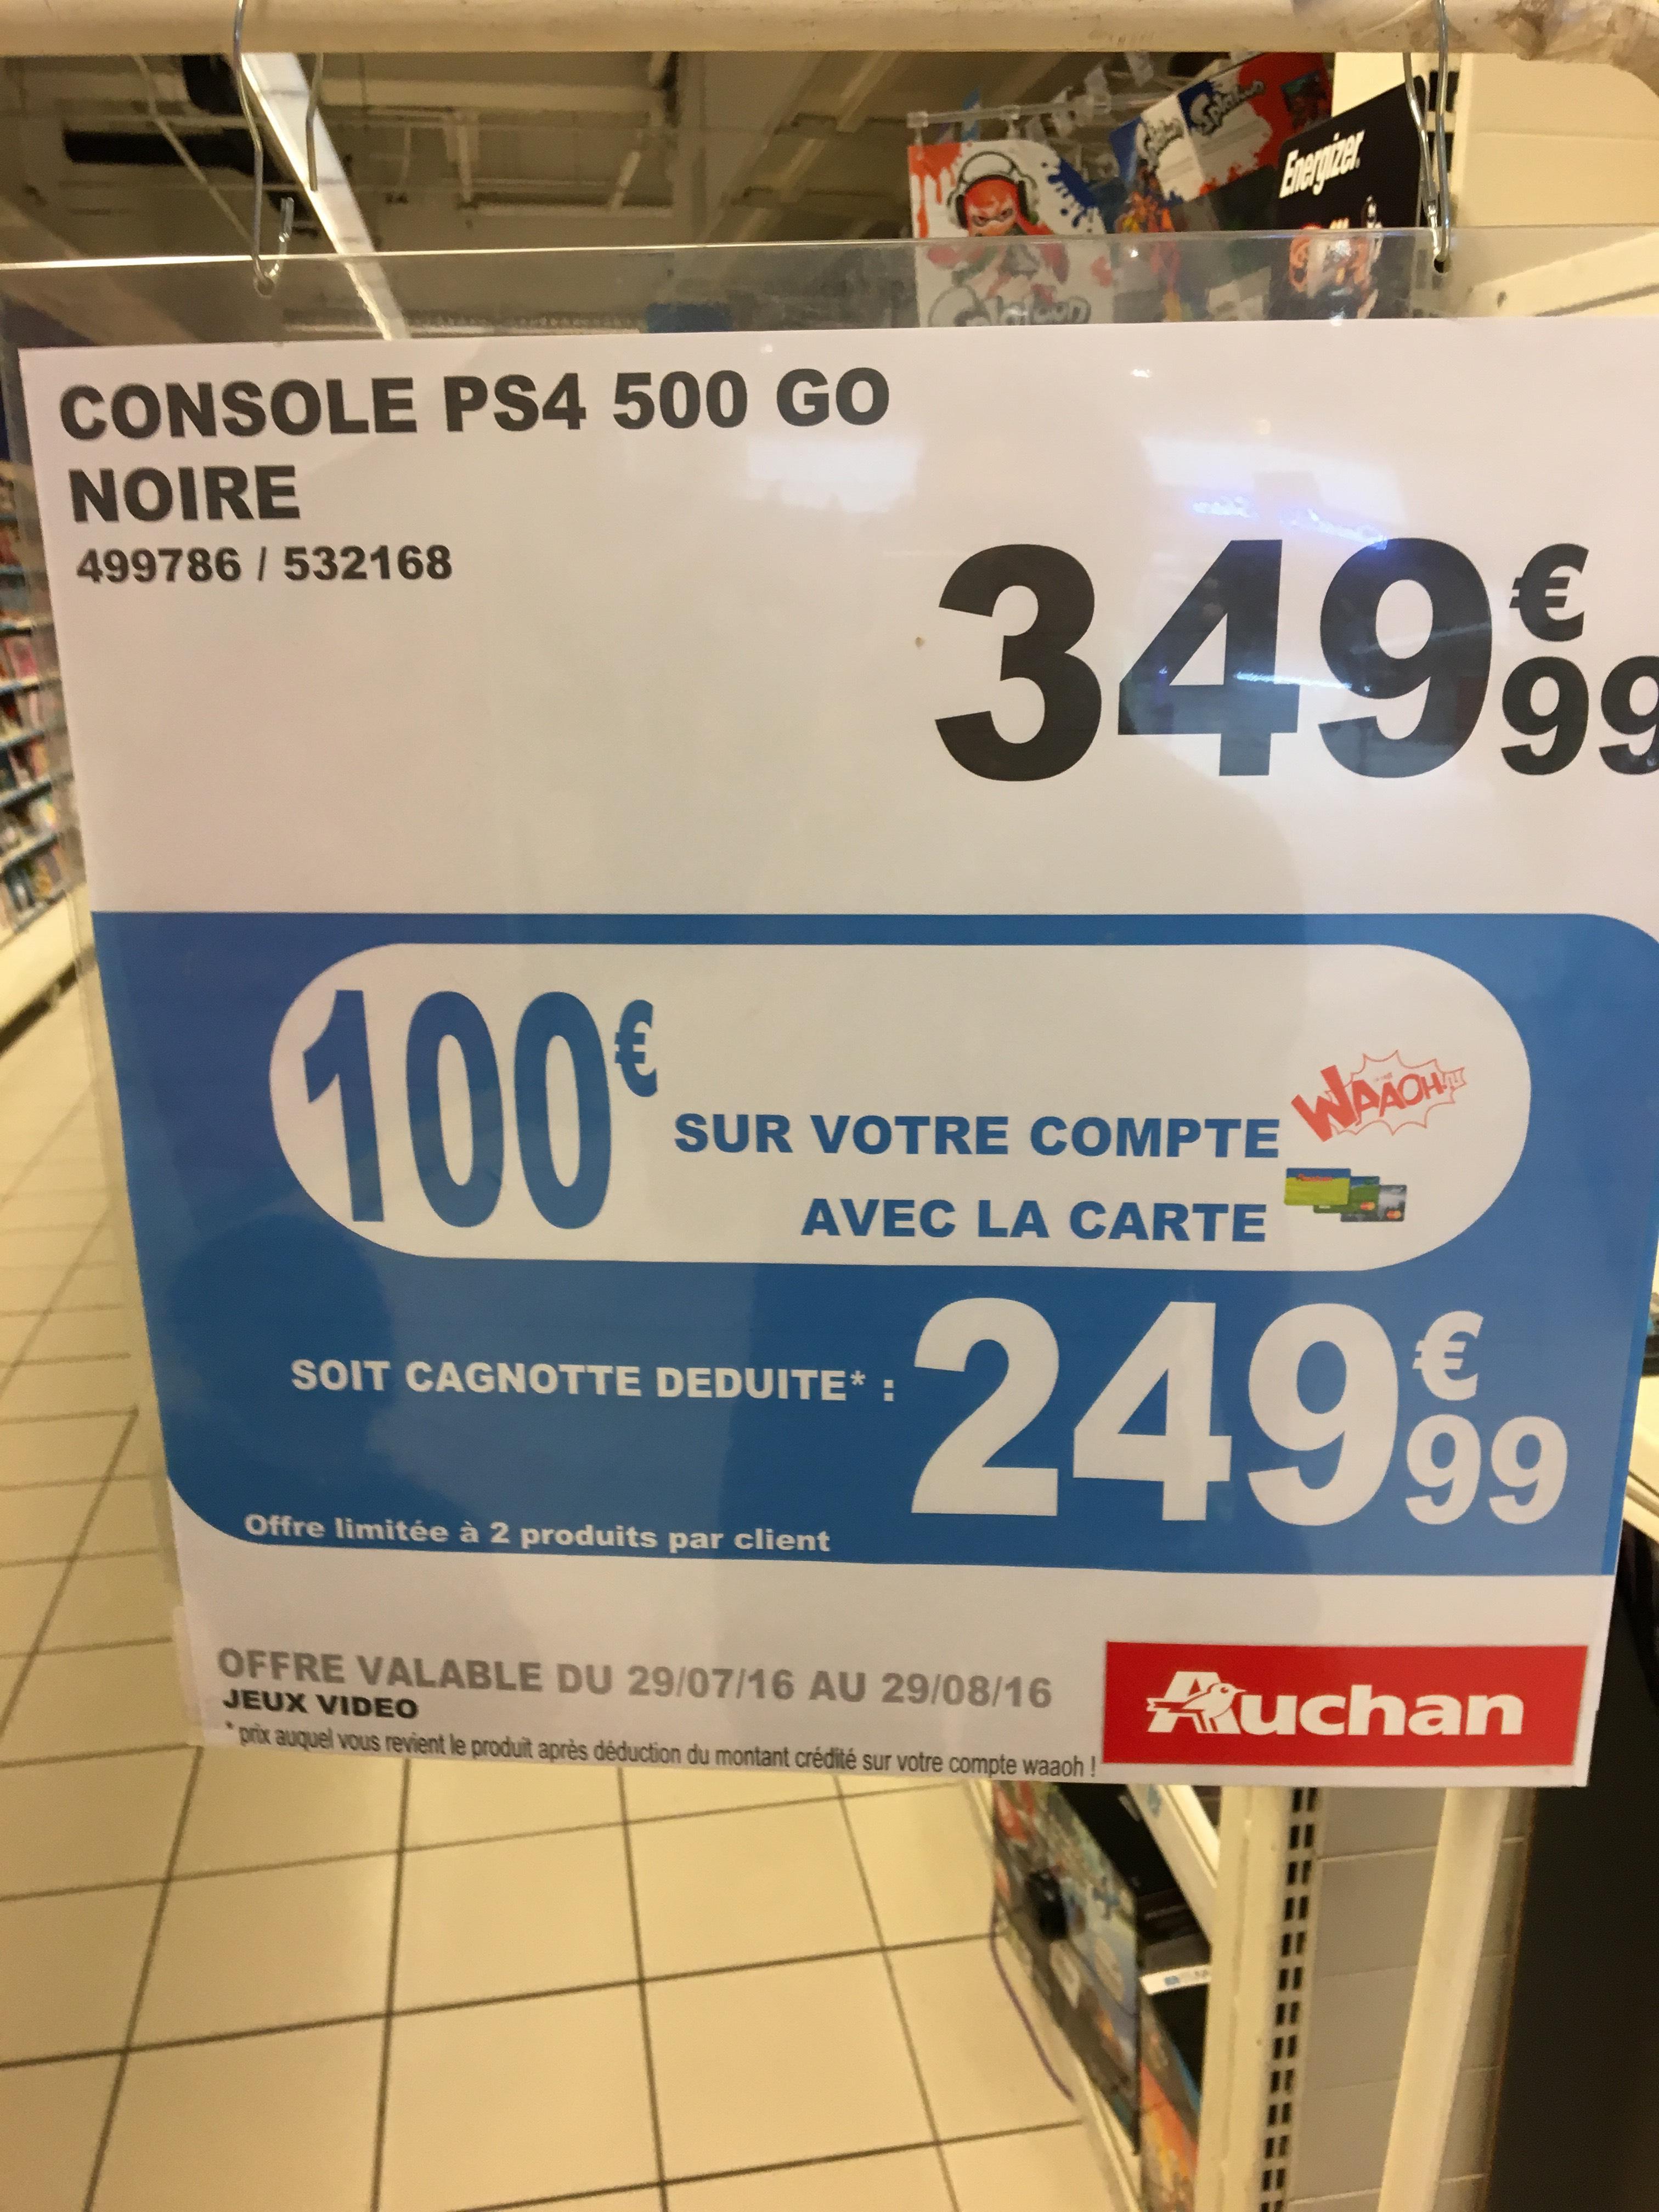 Console Sony PS4 500 Go CUH 1116A Noire (Avec 100€ sur la carte Waaoh)